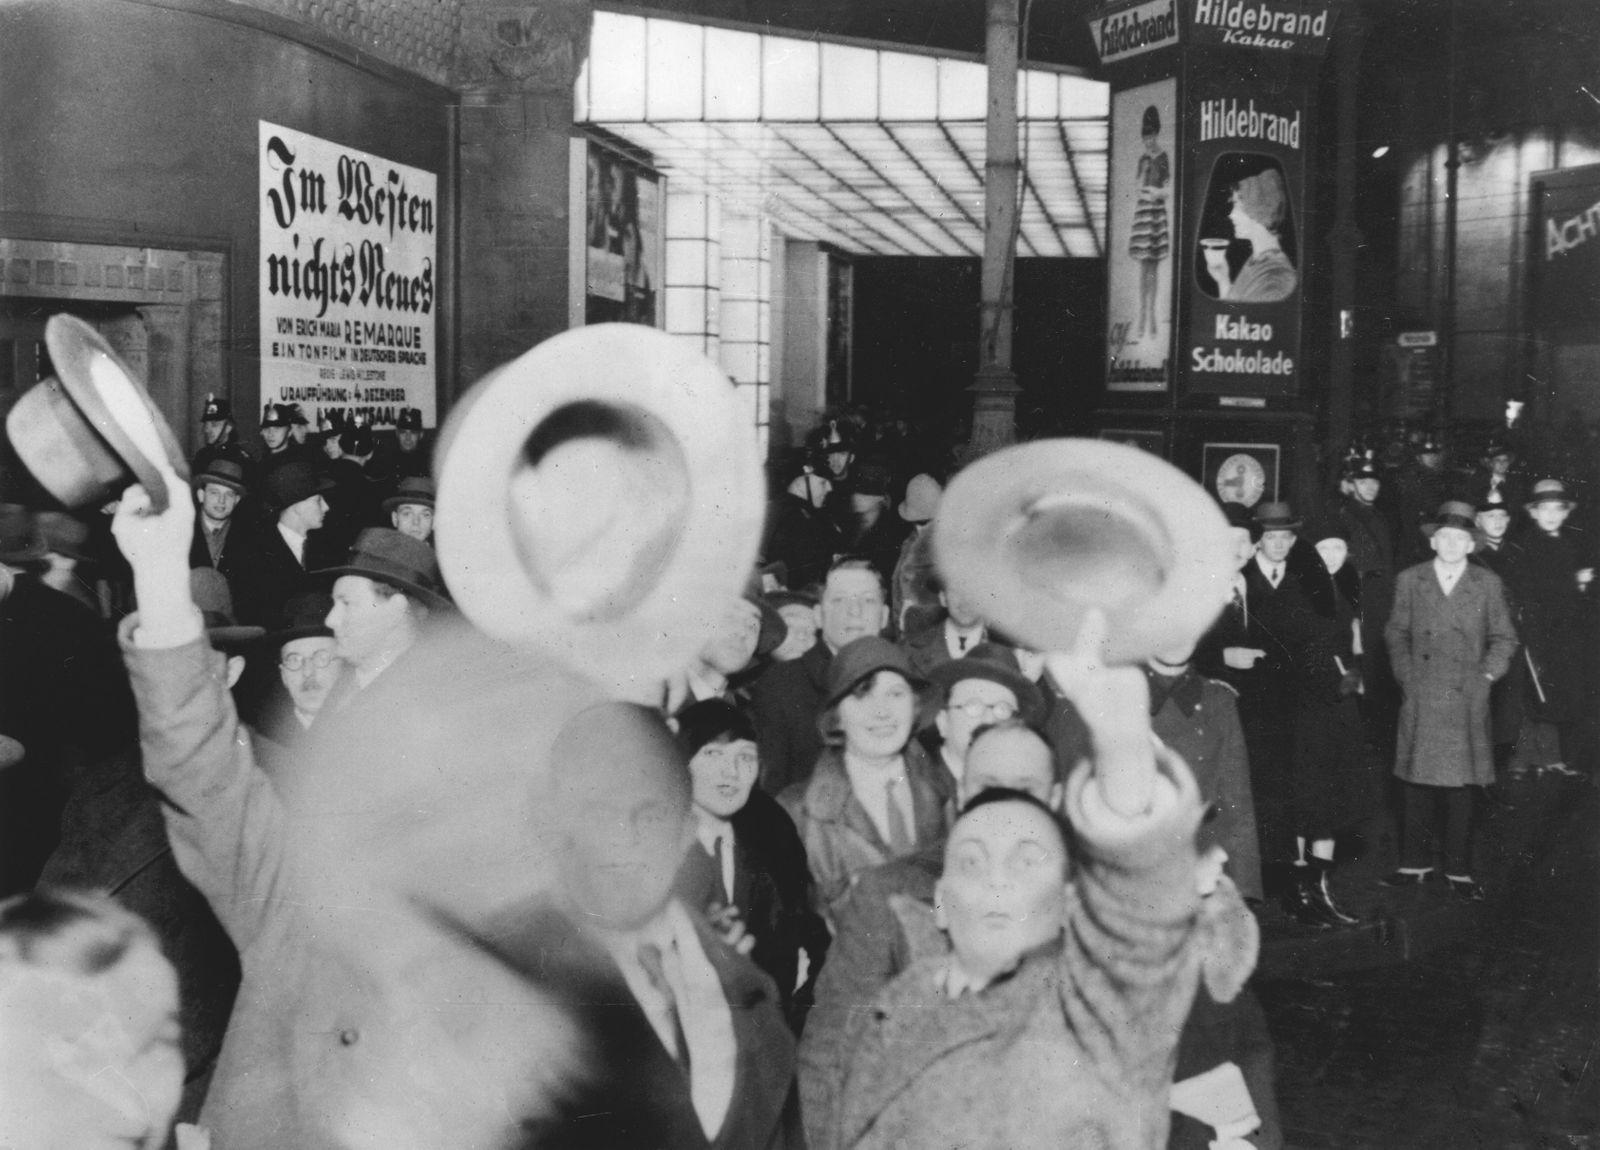 Nationalsozialistische Kundgebung gegen die Auffuehrung des Films 'Im Westen nichts Neues'